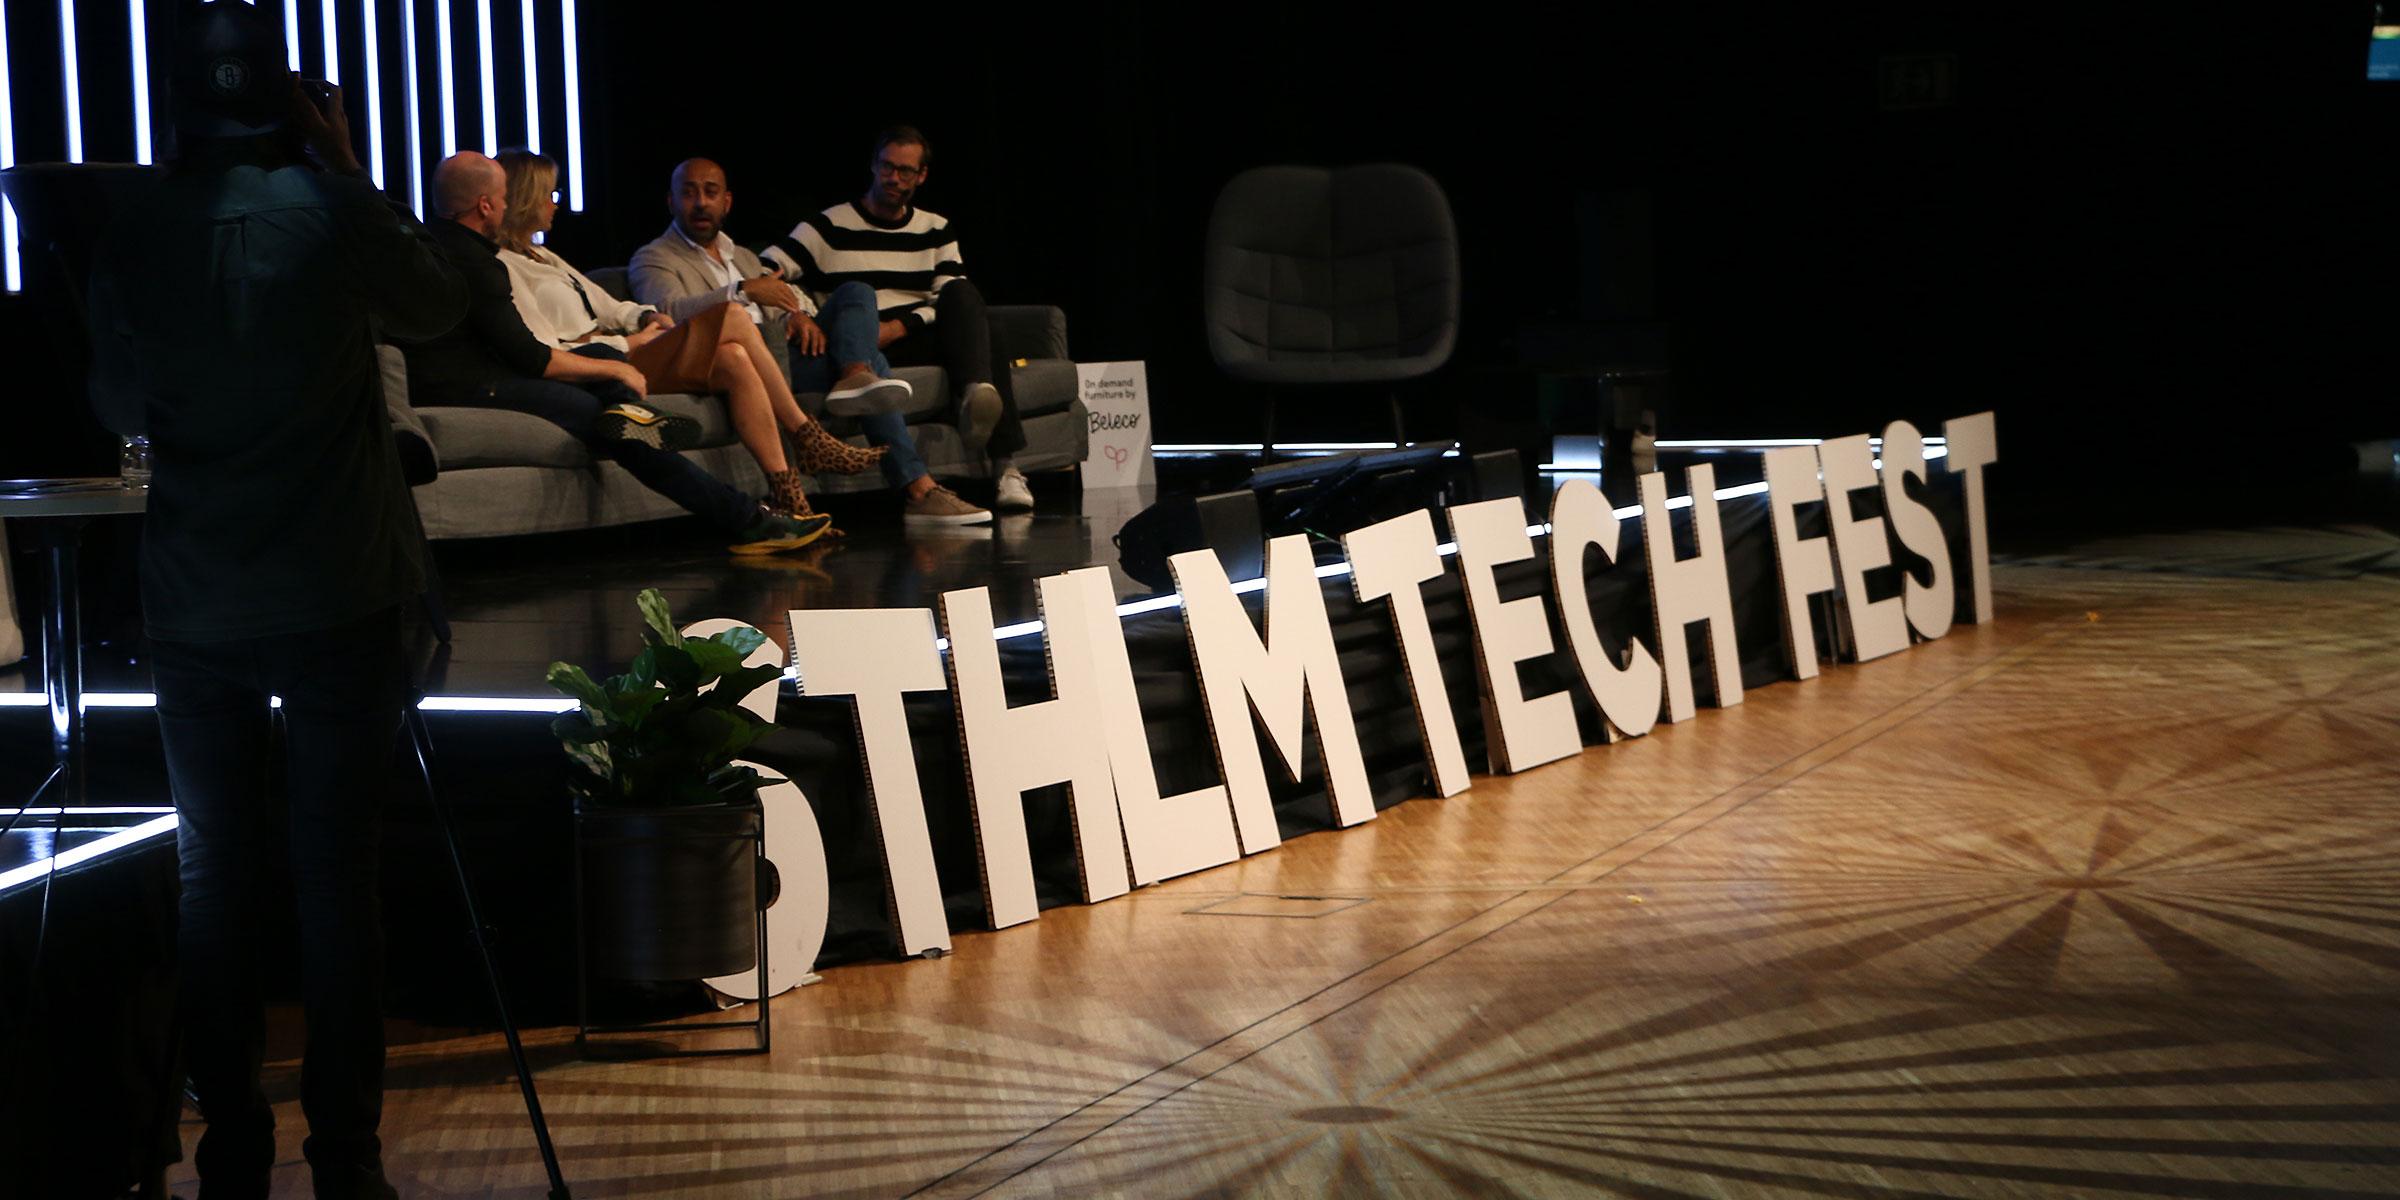 Panelsamtal och föredrag på Sthlm Tech Fest lockar över tusen deltagare, bland annat till samtal om hur startups kan bidra till hållbara lösningar på samhällsutmaningar.